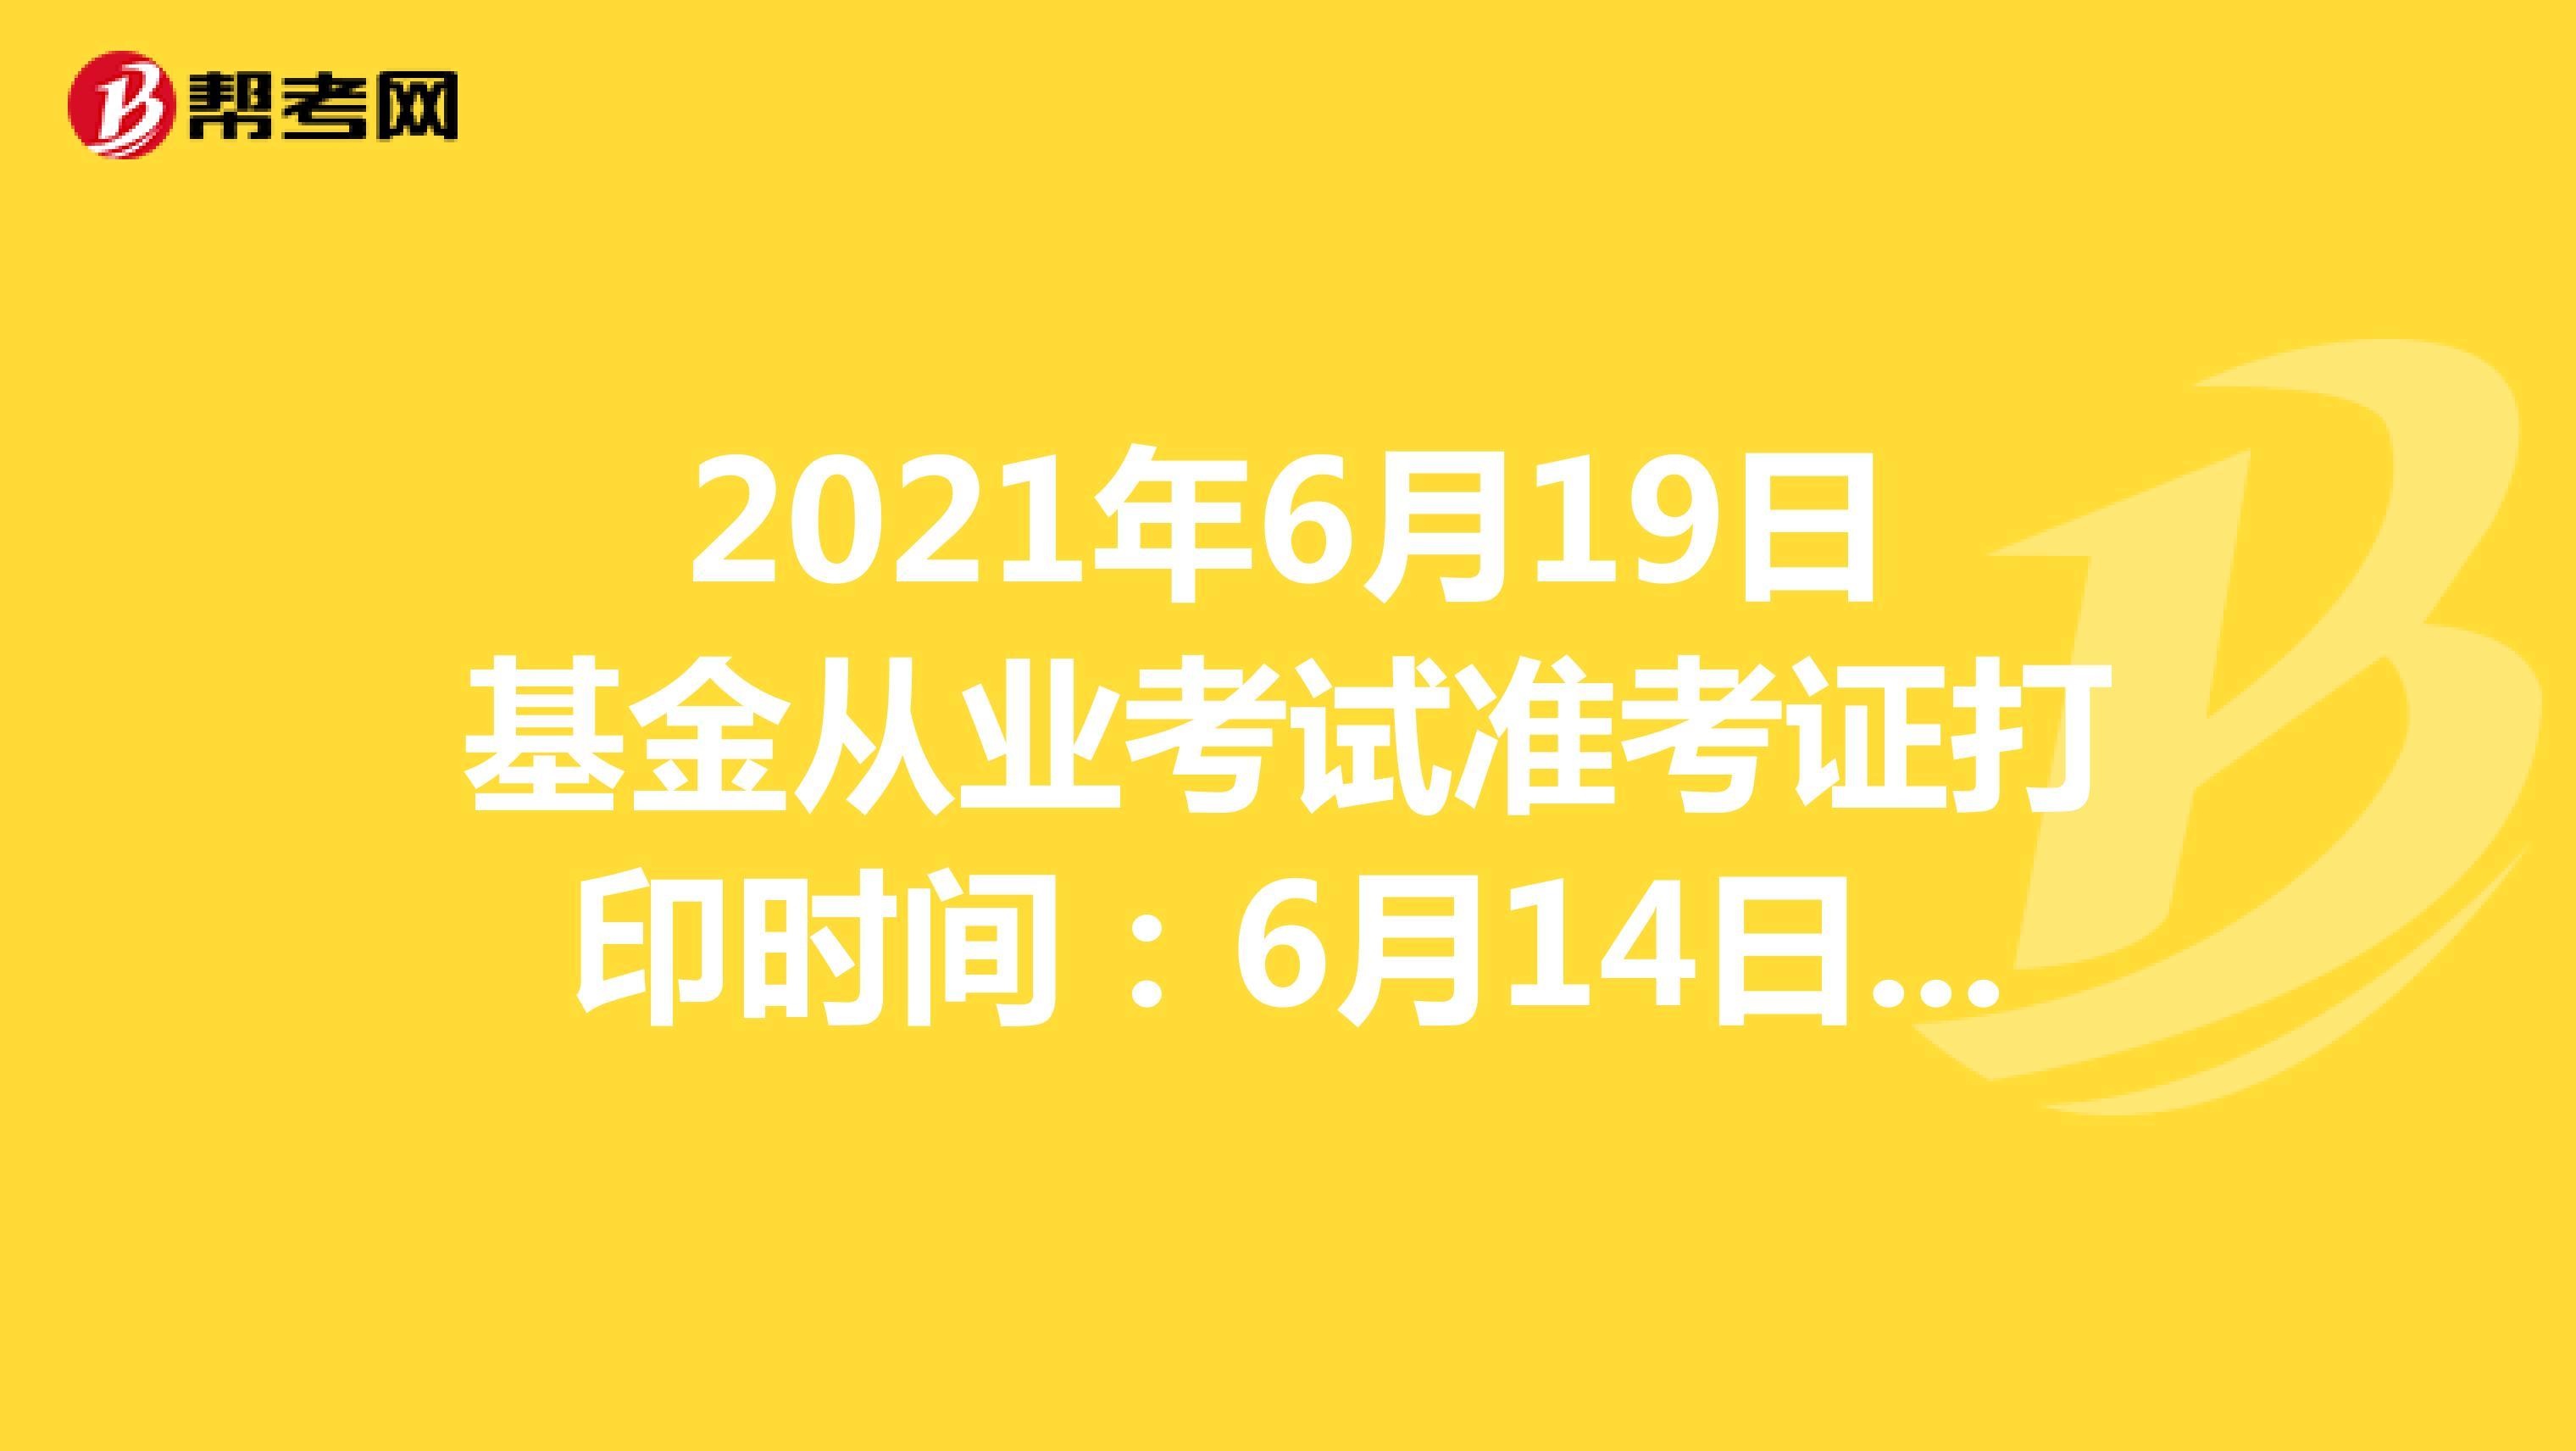 2021年6月19日基金從業考試準考證打印時間:6月14日-6月19日